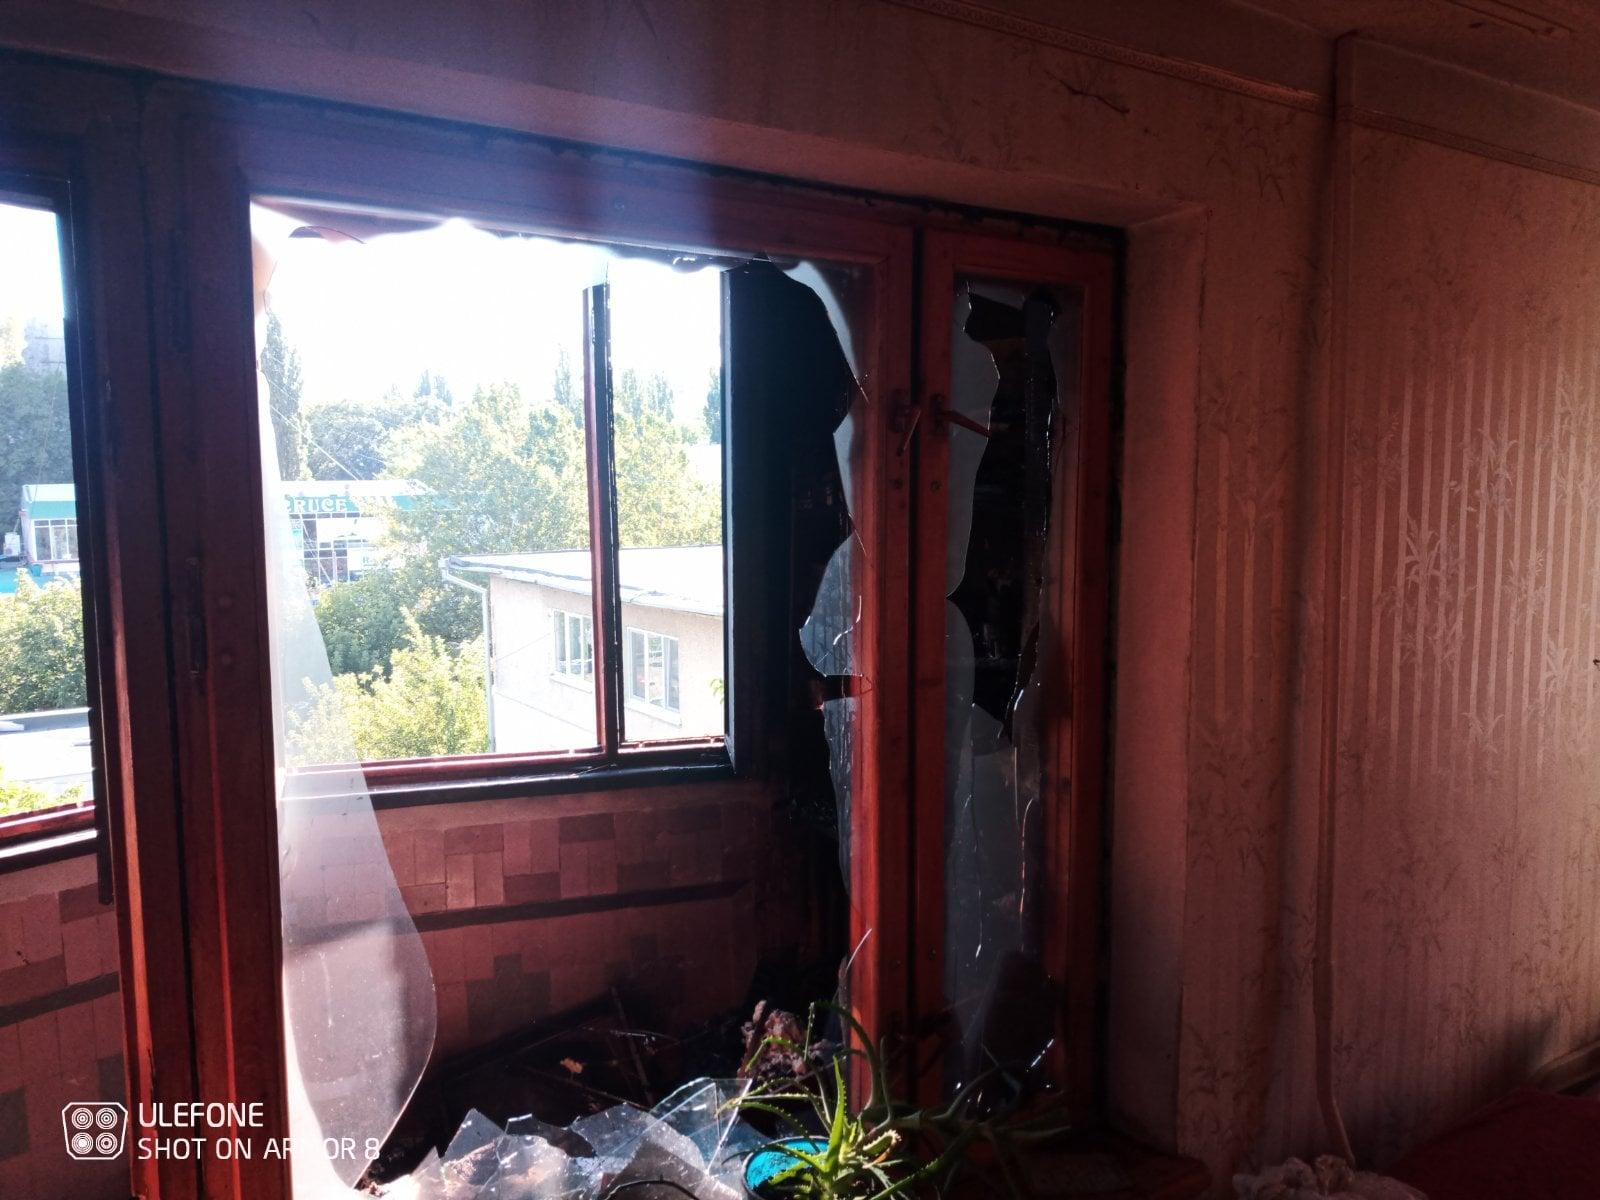 Incendiu într-un bloc de locuit din sectorul Botanica. Patru autospeciale au intervenit (FOTO)